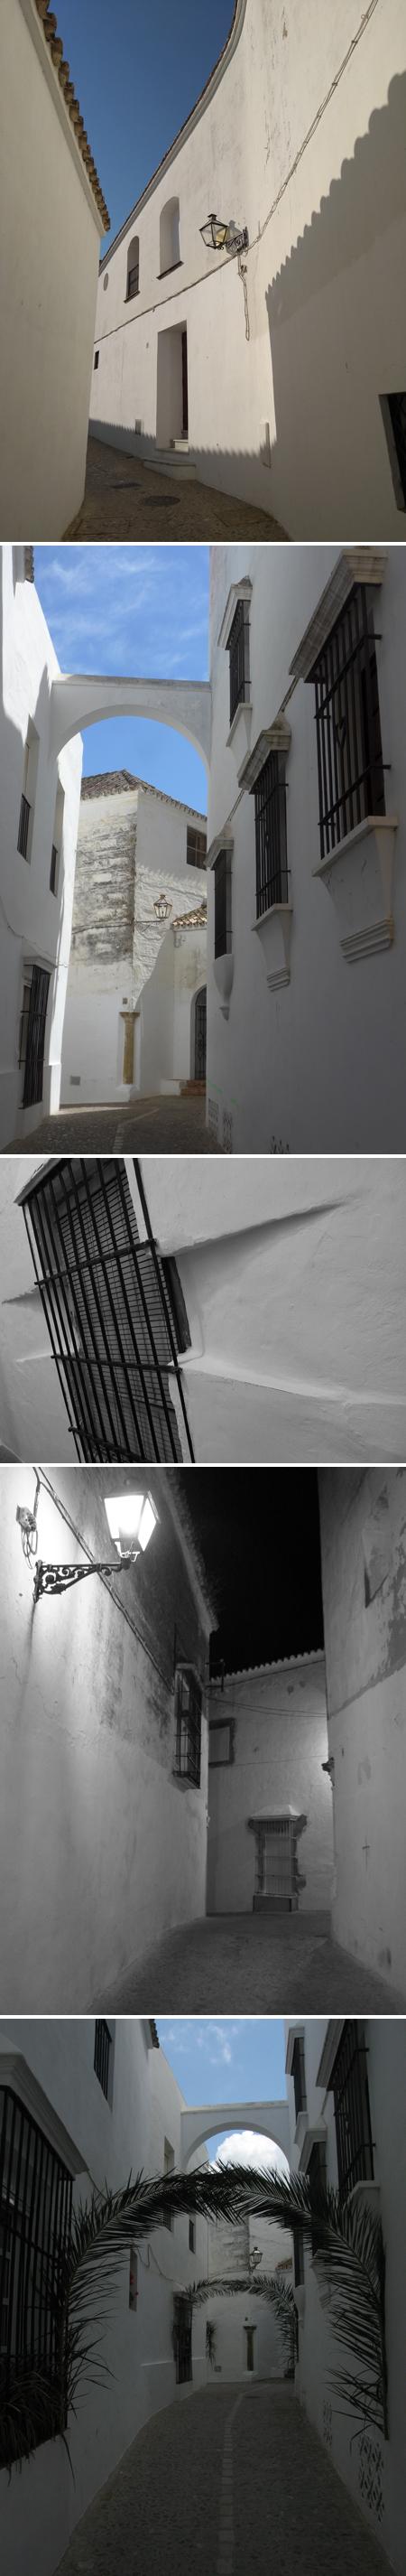 Arcos de la Frontera, arches, Di Chirico